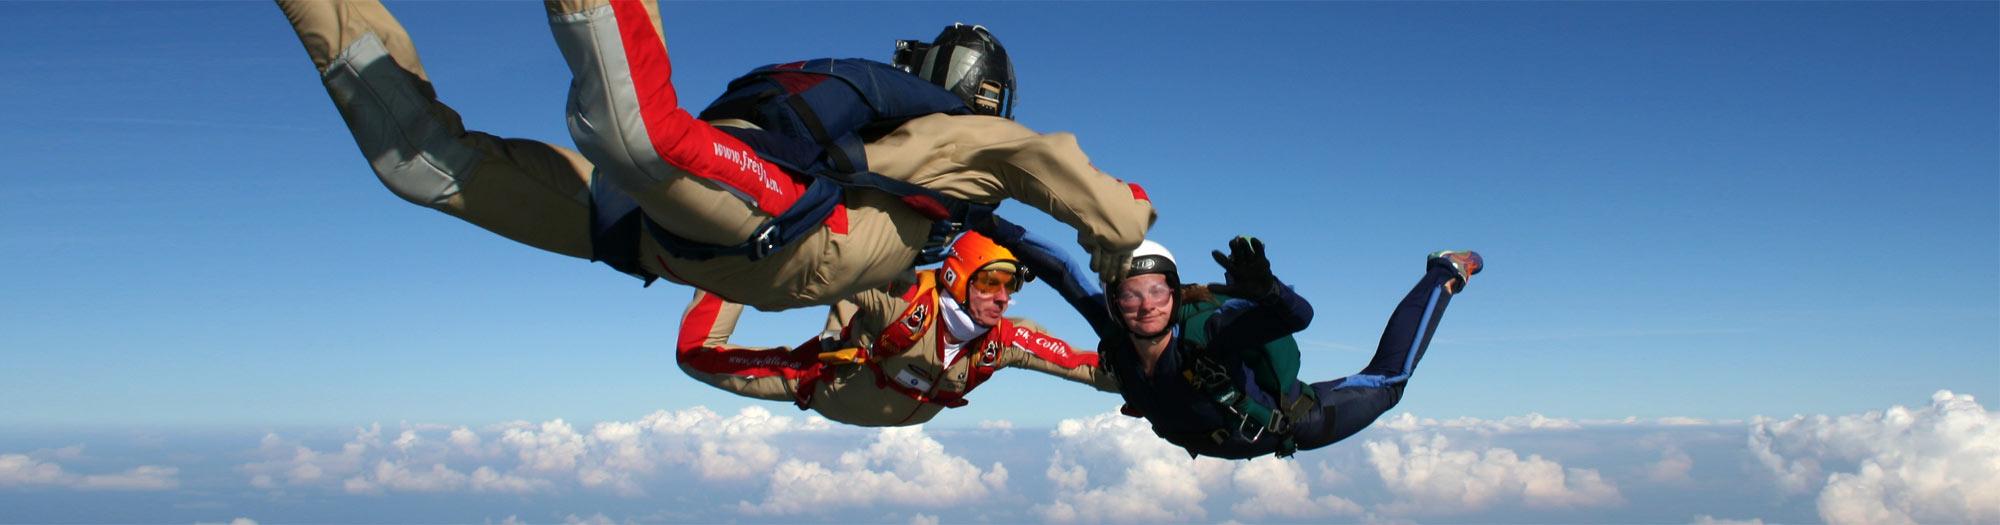 Fallschirmspringer bei der Ausbildung